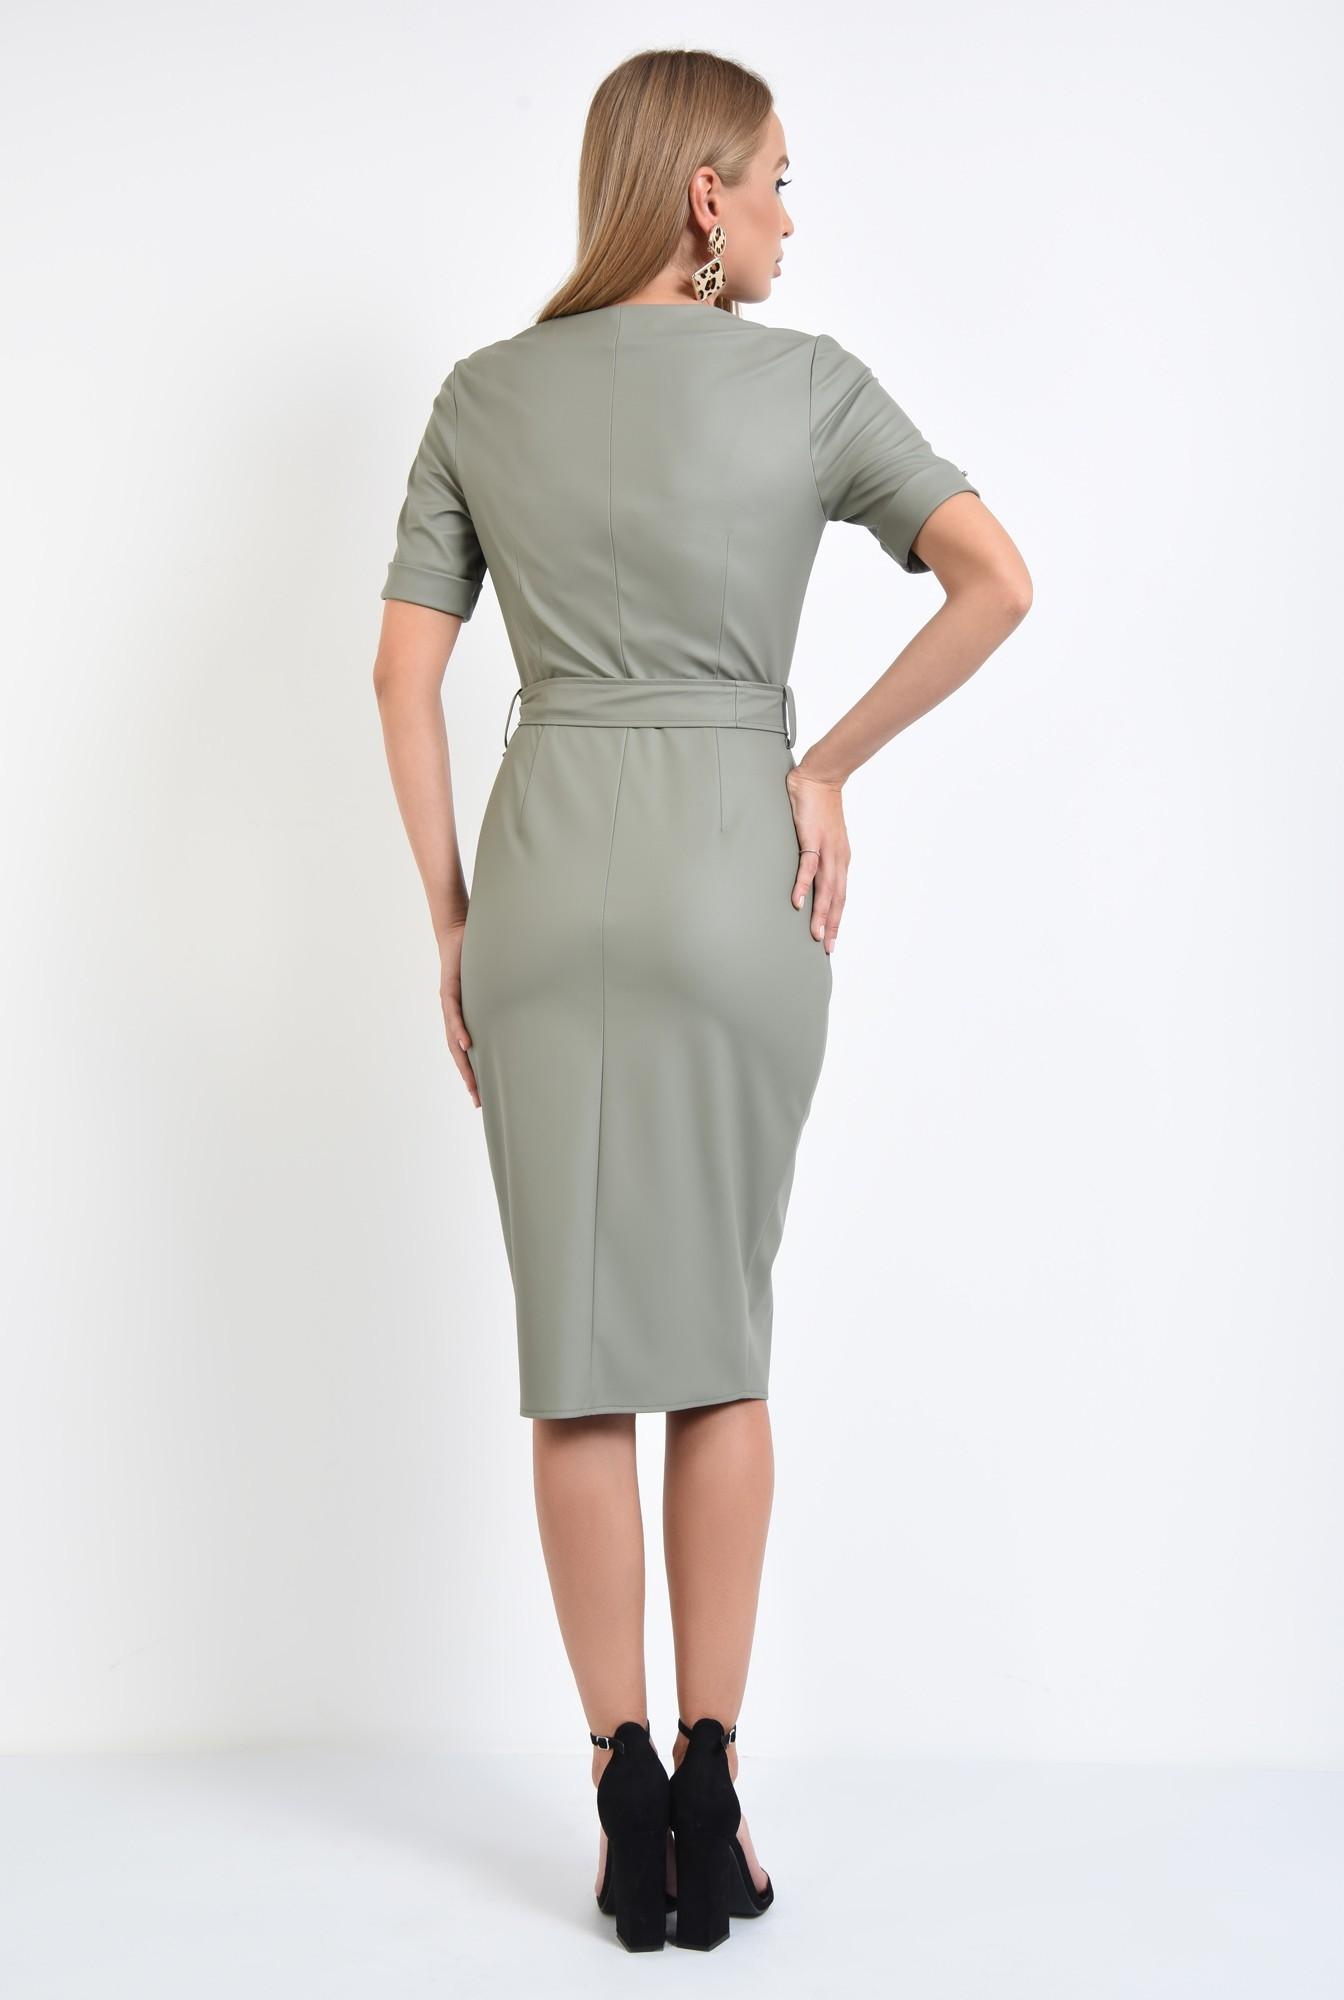 1 - 360 - rochie din piele eco, petrecuta, cordon, maneci scurte